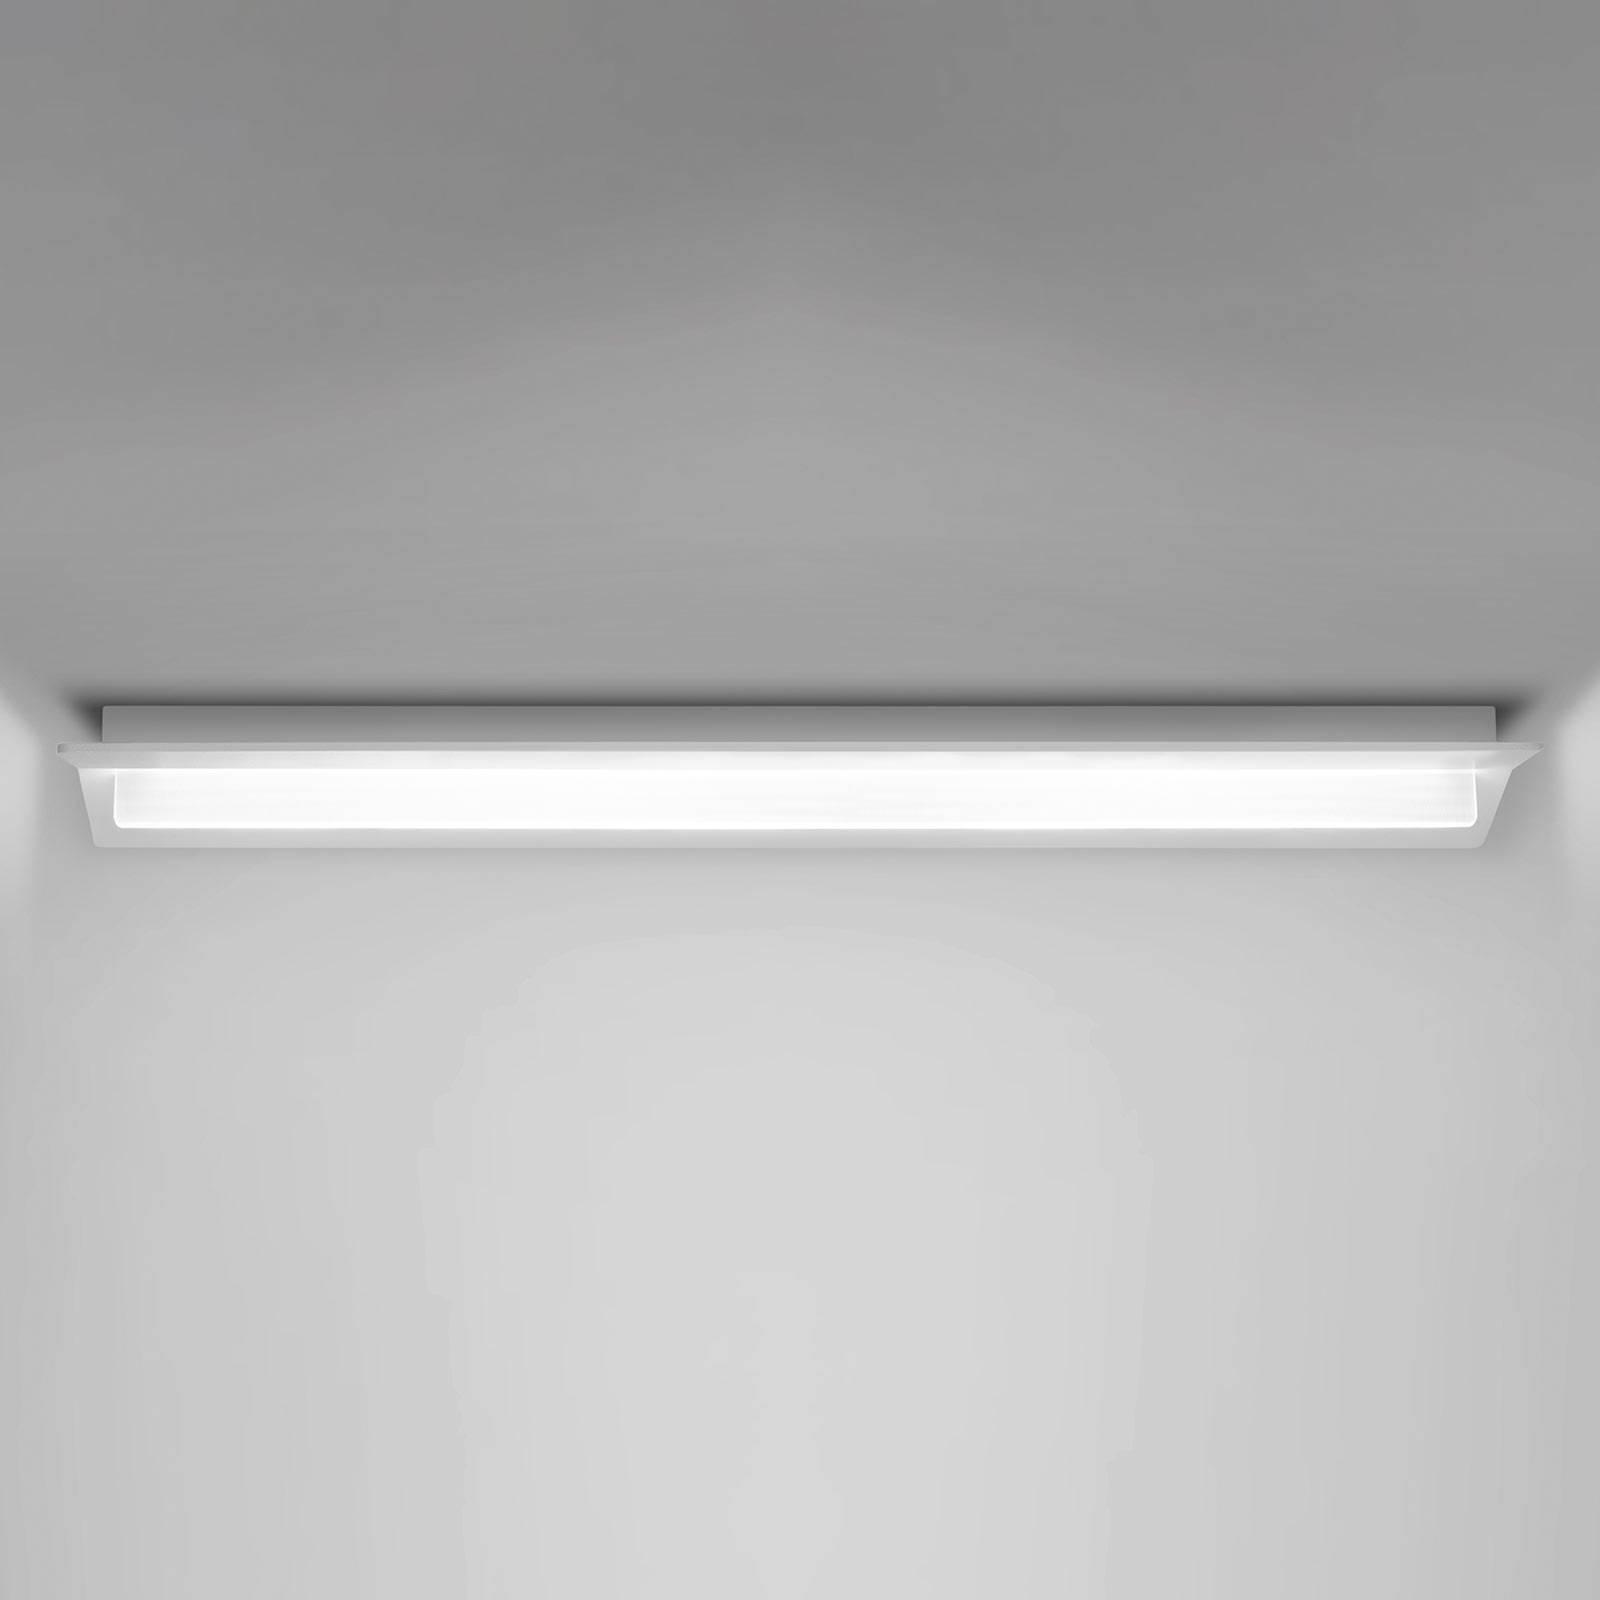 LED-Deckenleuchte Flurry, 70 cm, weiß